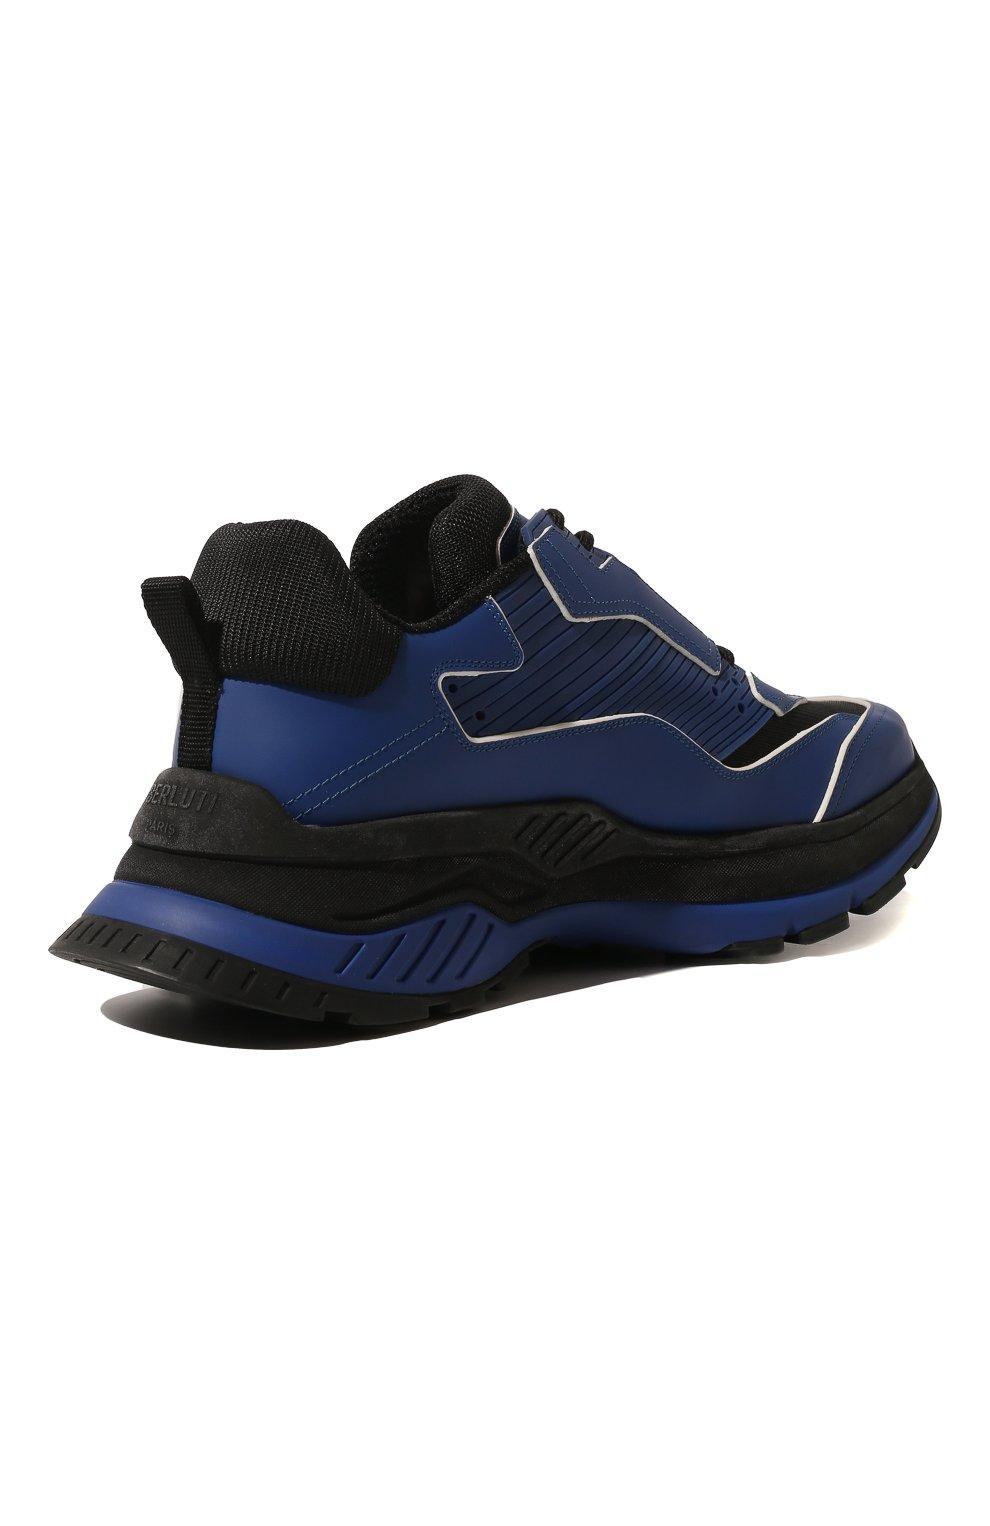 Мужские кожаные кроссовки BERLUTI синего цвета, арт. S4781-002 | Фото 5 (Материал внешний: Текстиль, Кожа; Материал внутренний: Натуральная кожа, Текстиль; Стили: Гранж; Статус проверки: Проверено, Проверена категория; Подошва: Массивная)